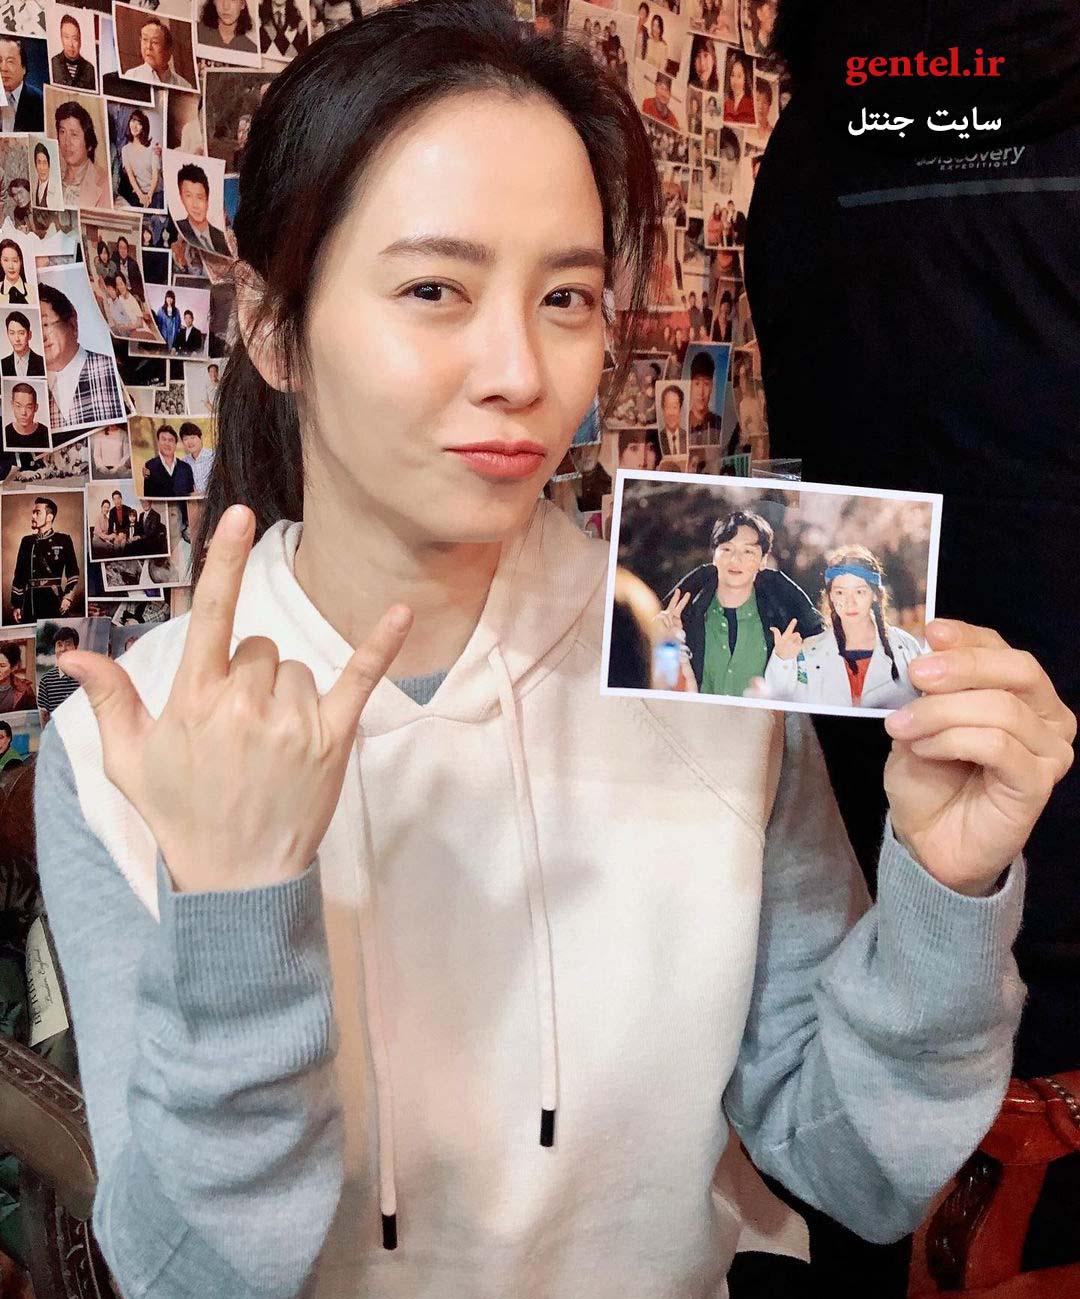 بیوگرافی و عکس های زیبای سونگ جی هیو